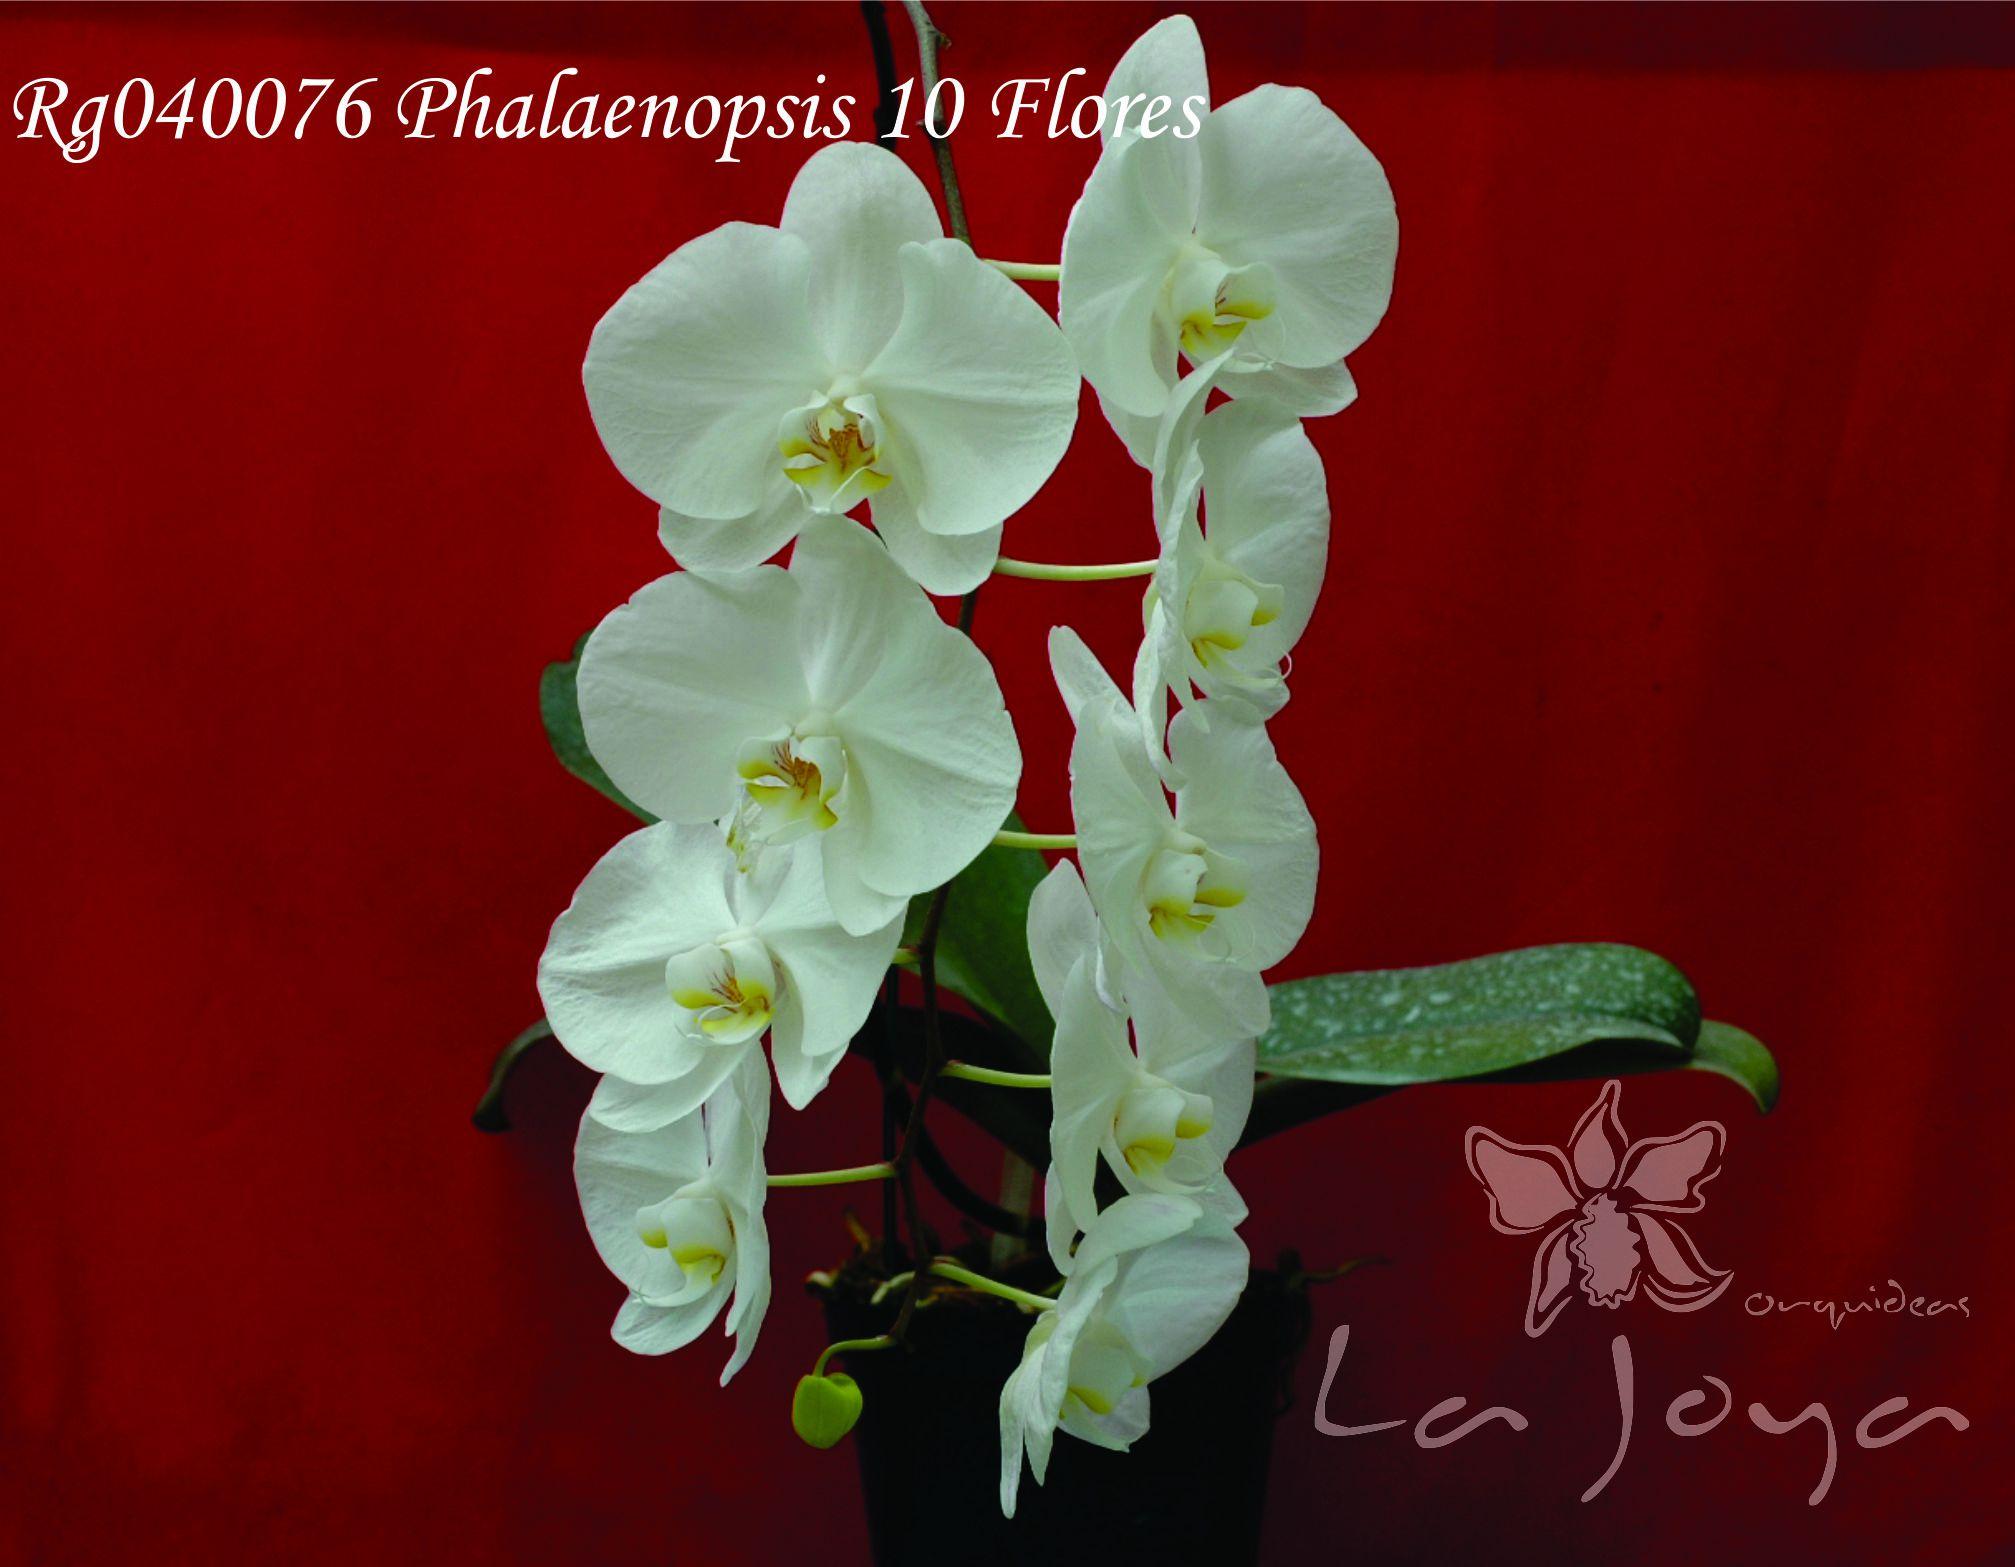 Phal RG040076 con 10 flores